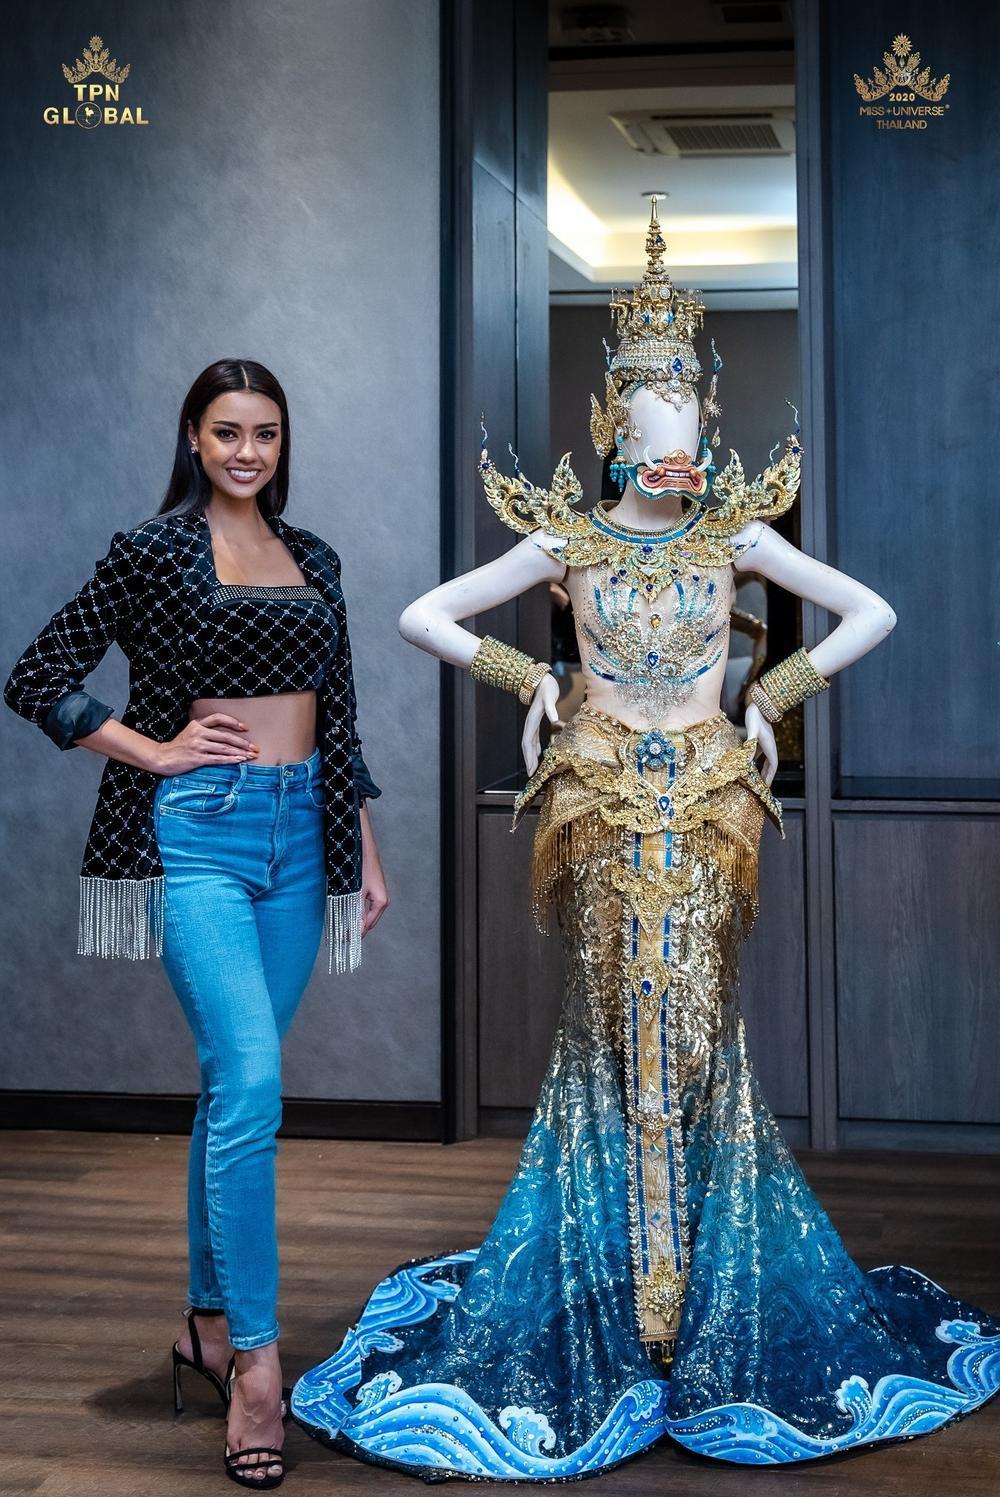 Hoa hậu Hoàn vũ Thái Lan gây tranh cãi khi mang trang phục dân tộc bầu ngực trần tới Miss Universe 2020 Ảnh 3